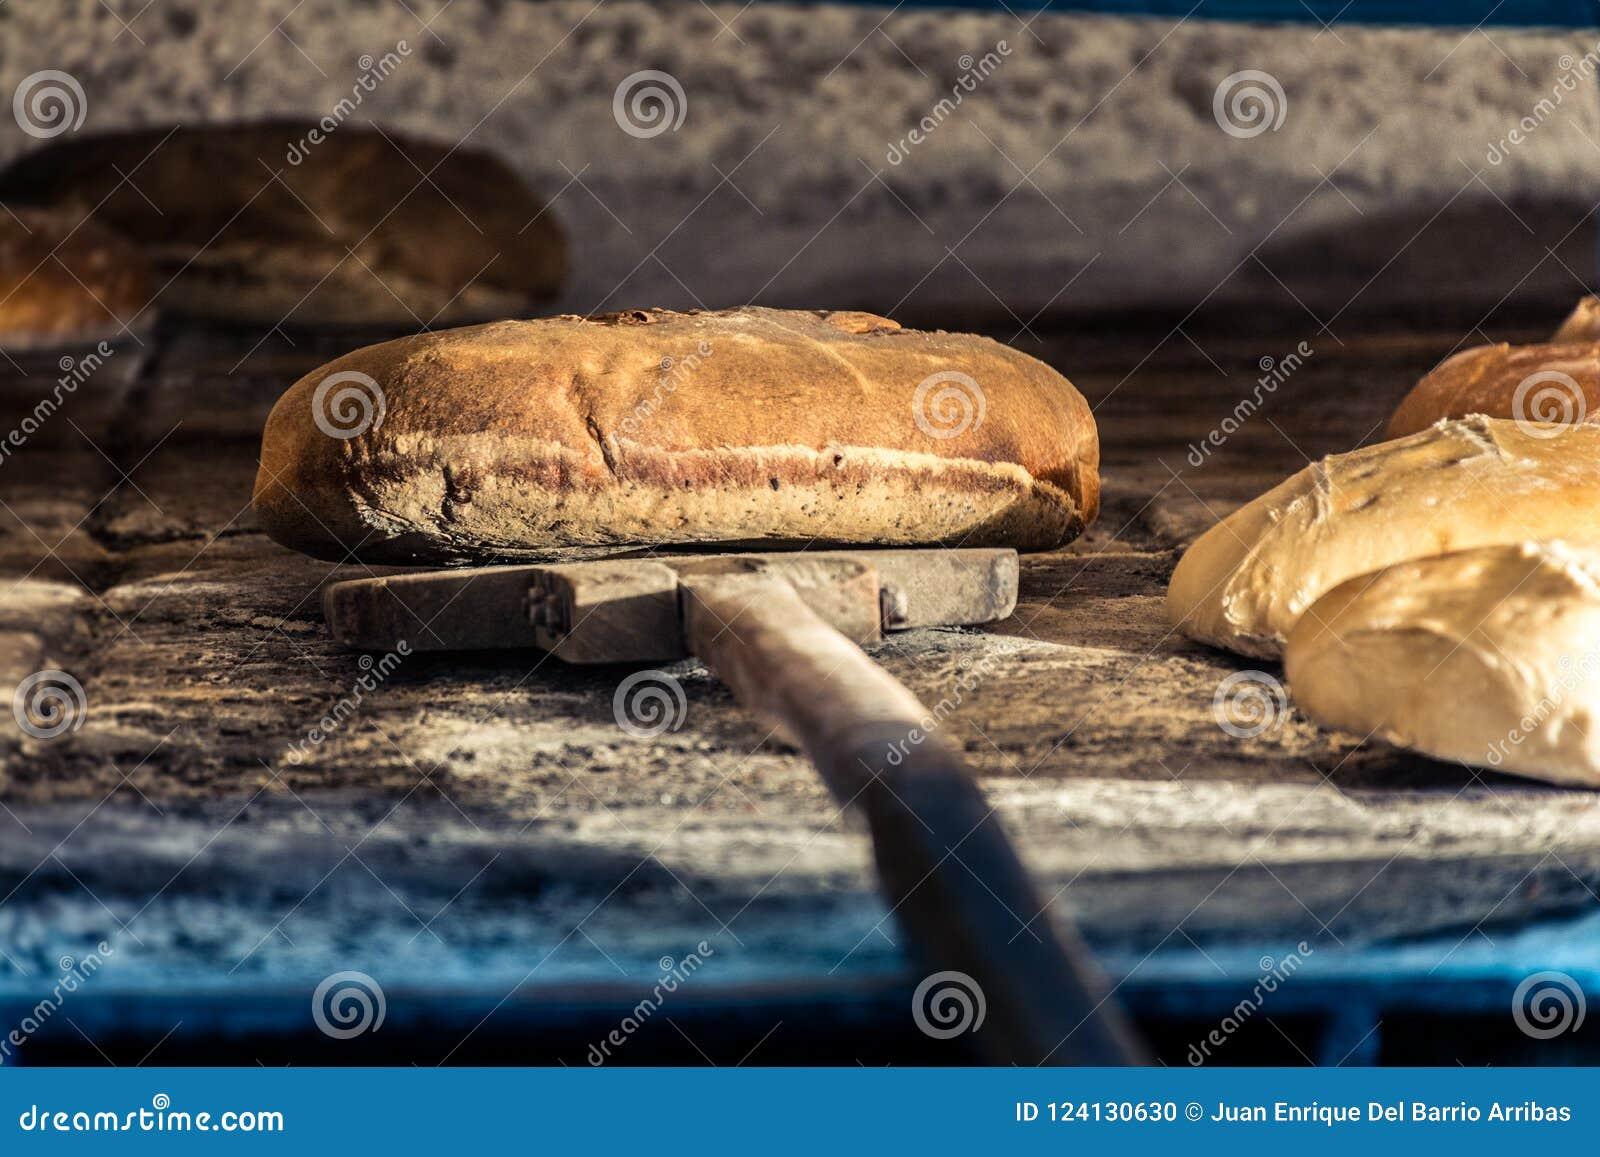 Wypracowanie chleb w tradycyjnym drewnianym piekarniku